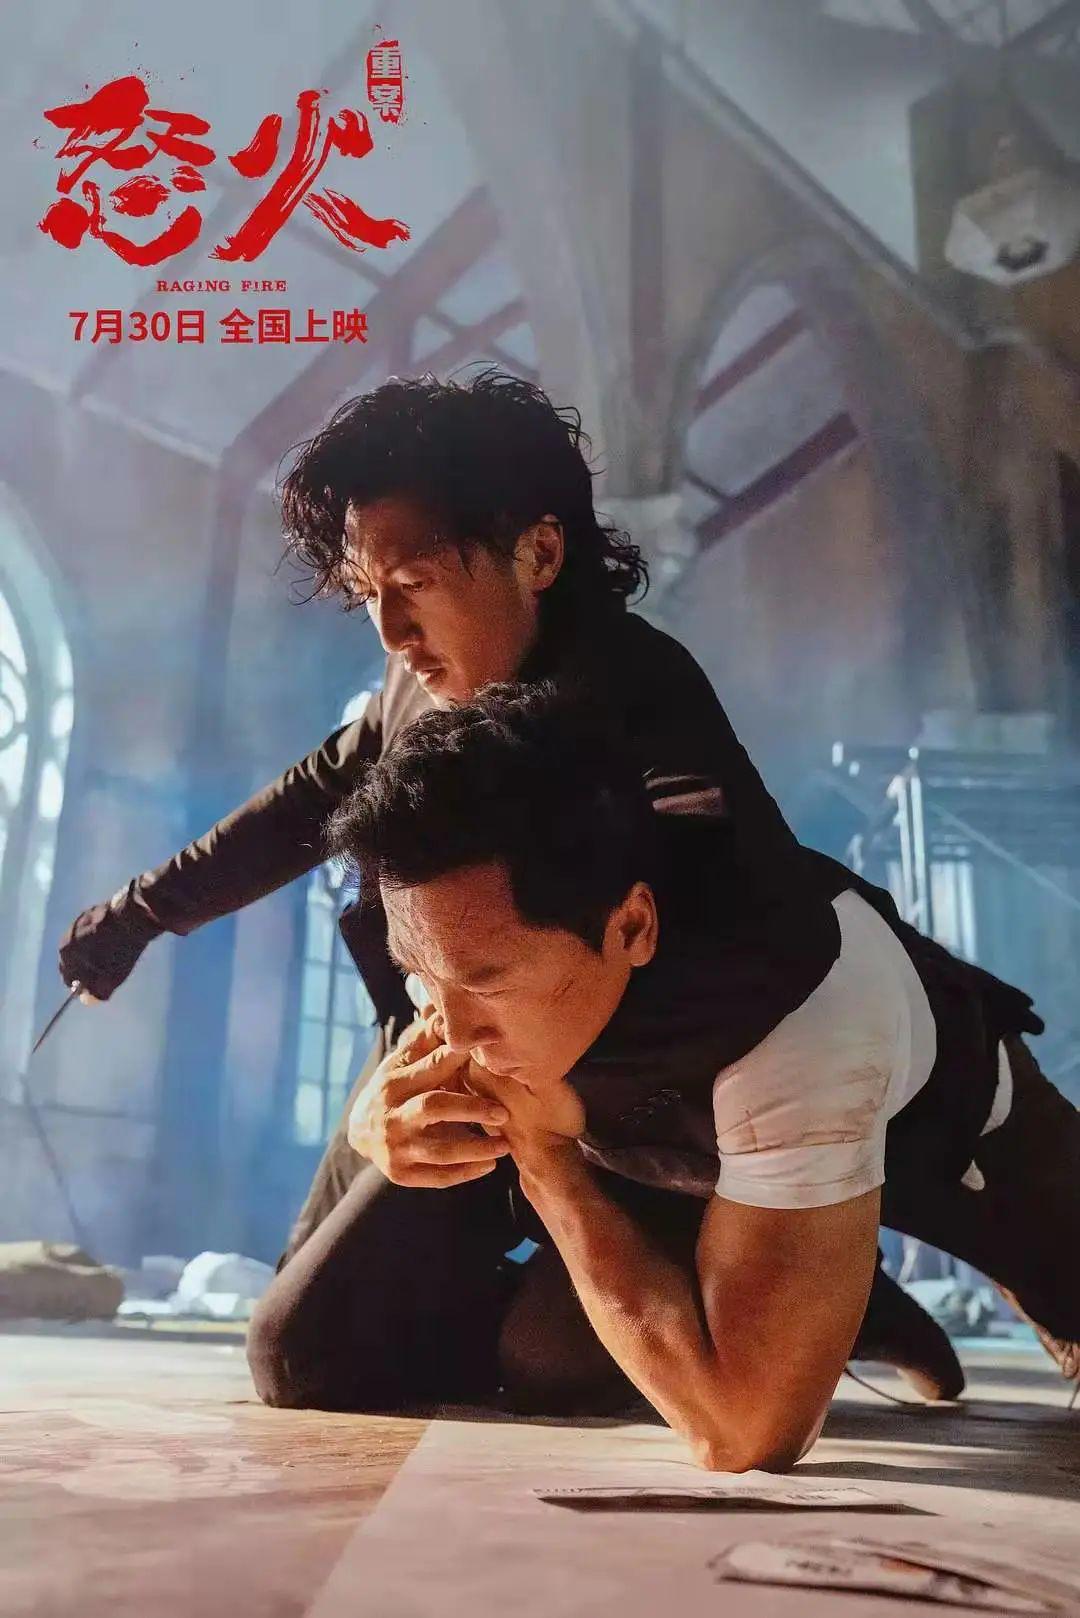 《【摩杰平台主管待遇】谢霆锋谈《怒火·重案》动作戏:用拼命换尊重》